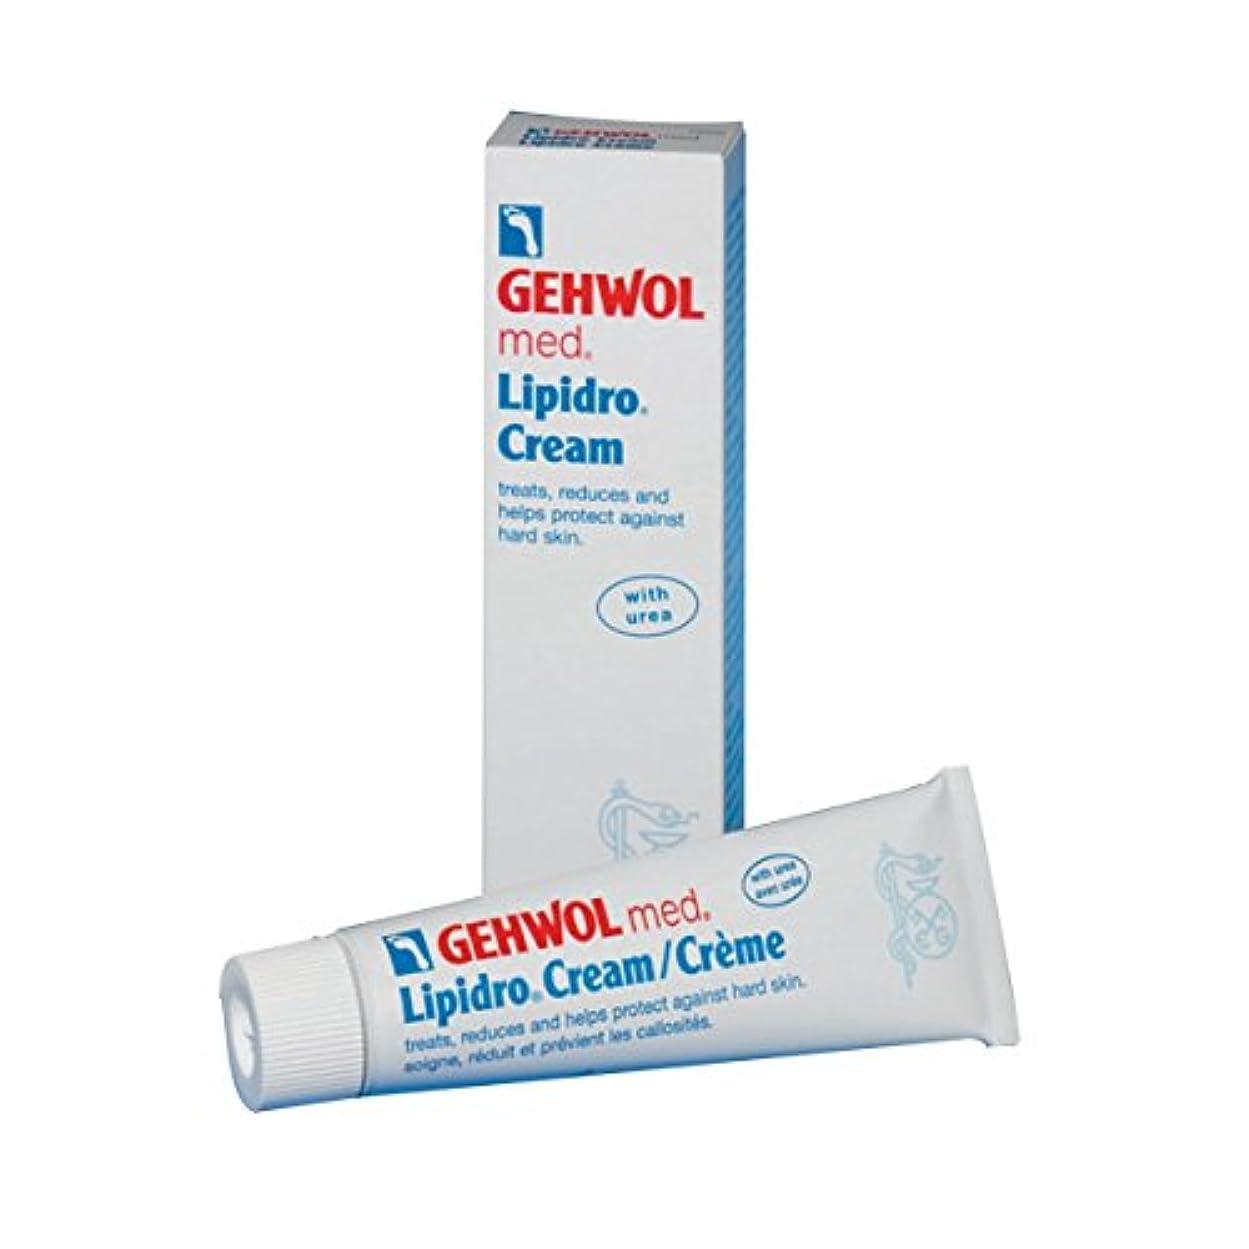 悪性スキームぬれたGehwol Med Lipidro Cream 75ml [並行輸入品]